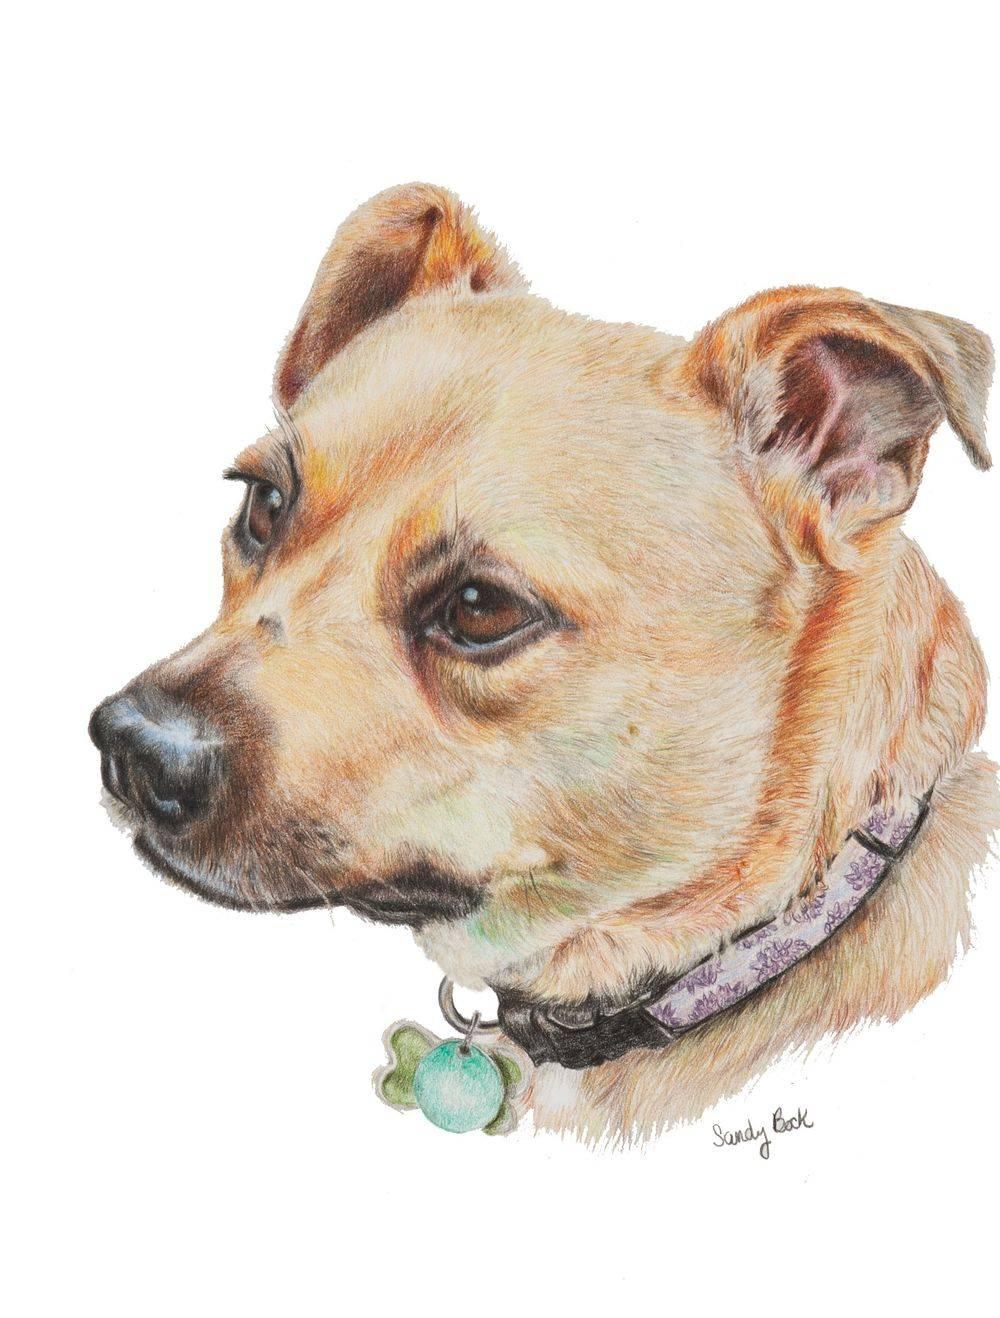 dog portrait, dog, pet, pet portrait, art, sandy bock